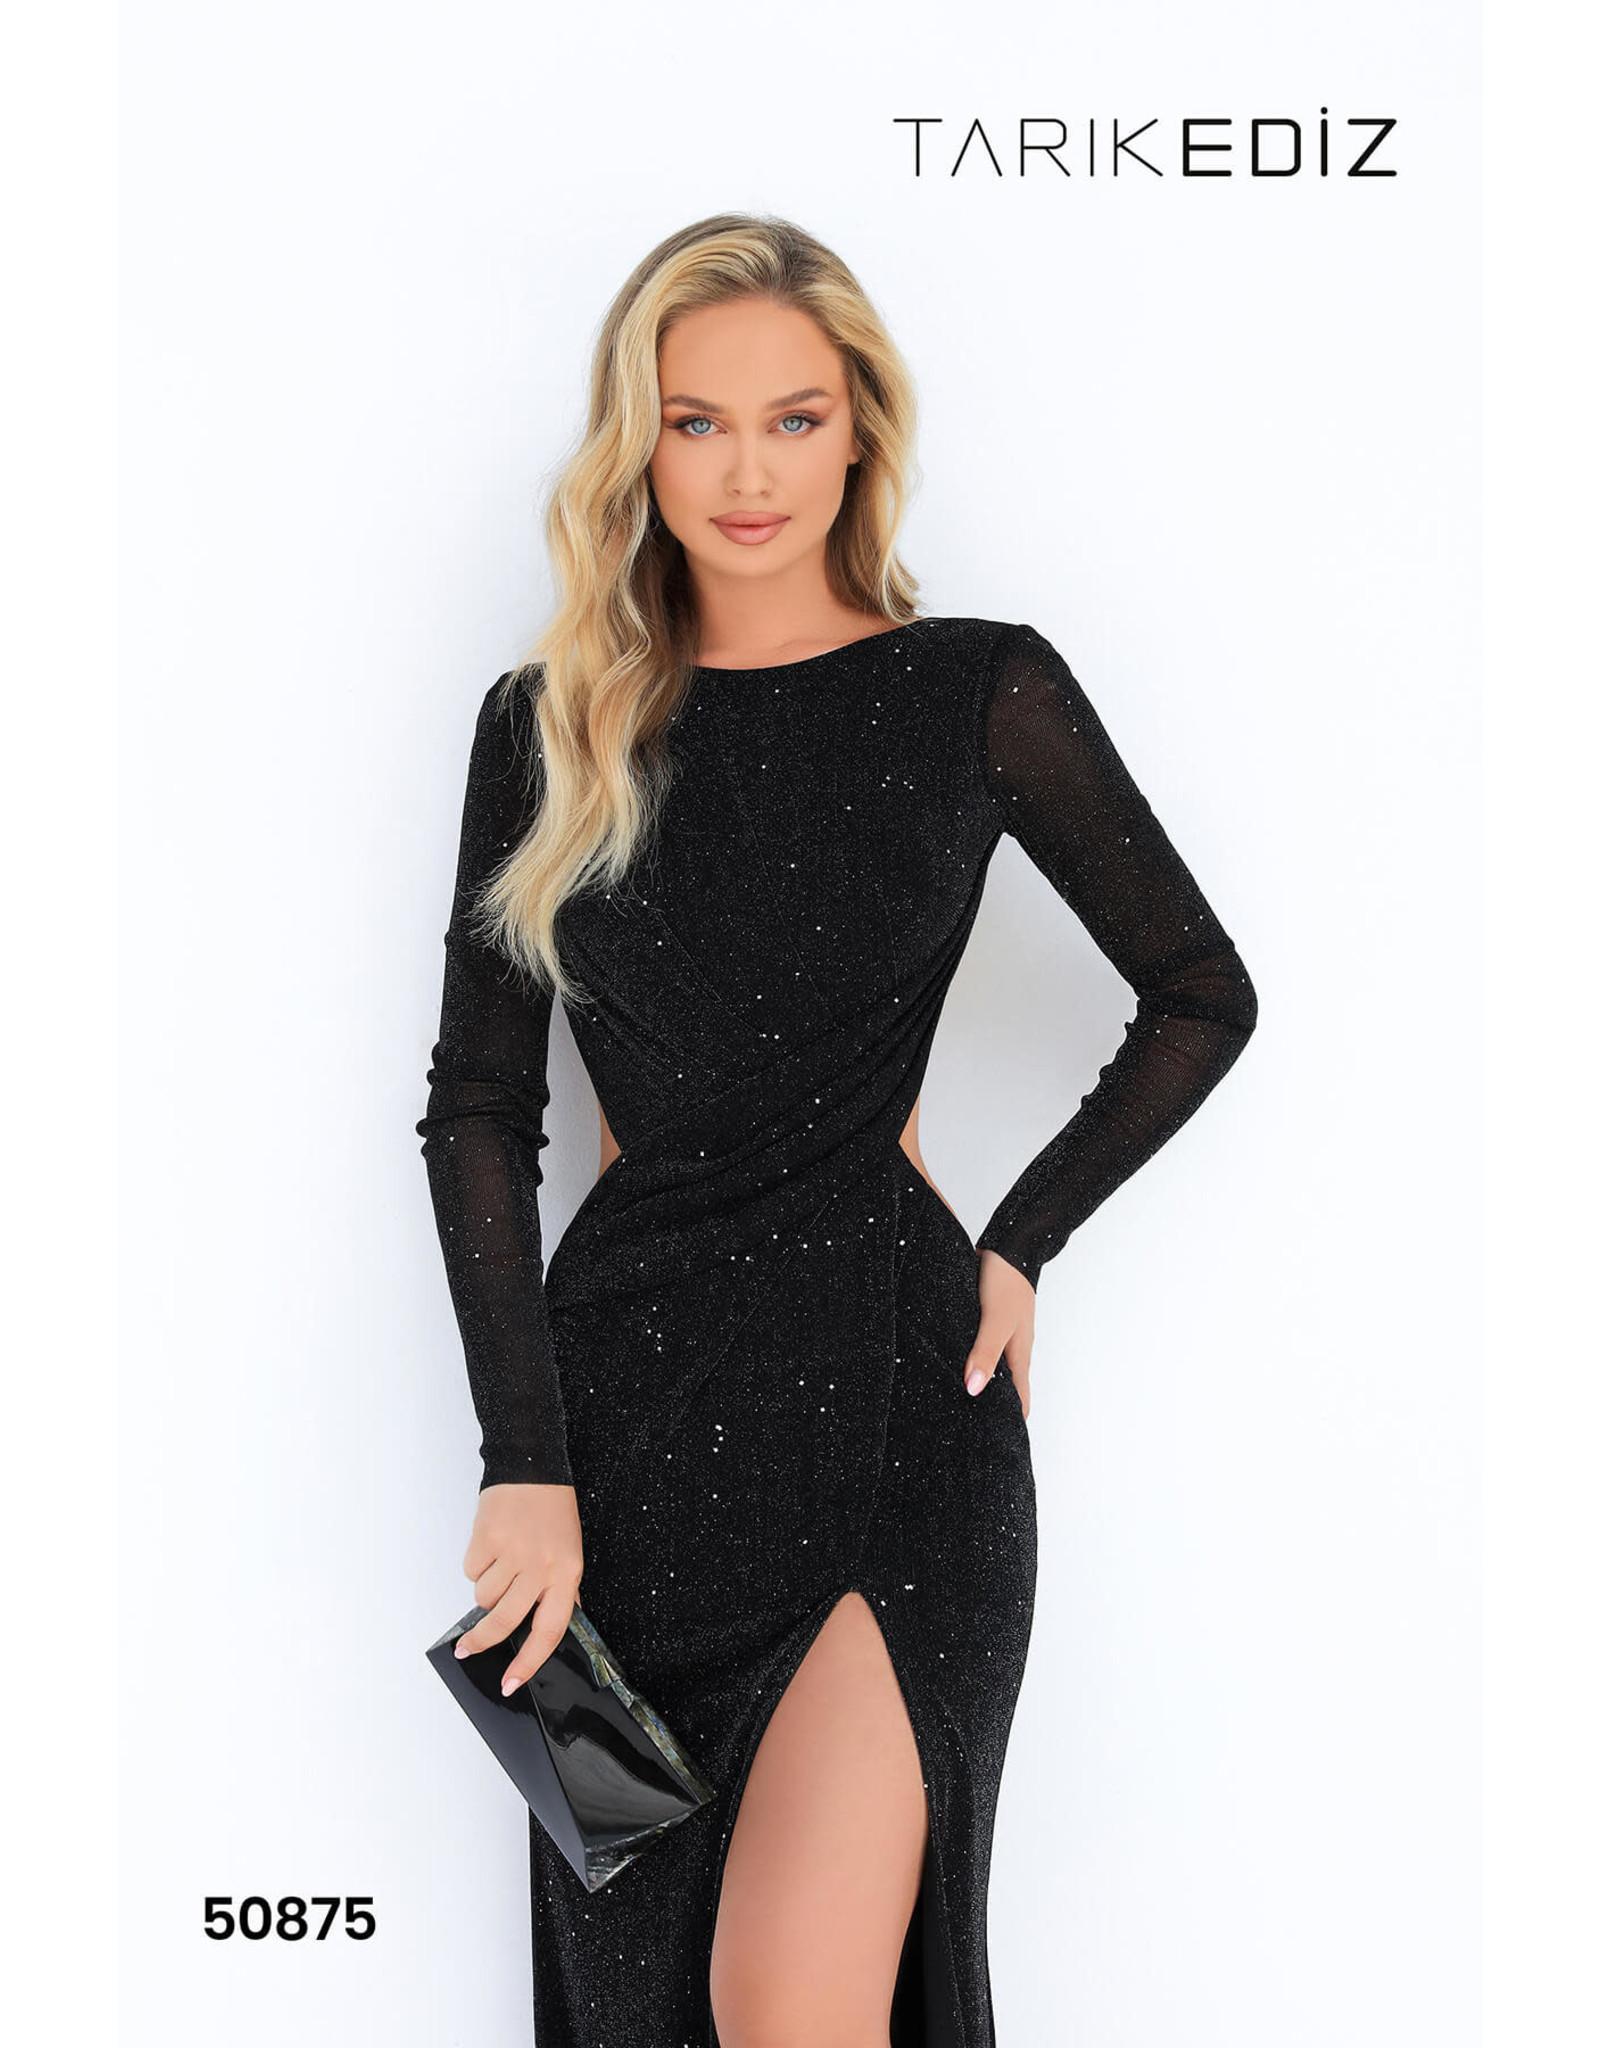 Tarik Ediz 50875 Tarik Ediz Dresses